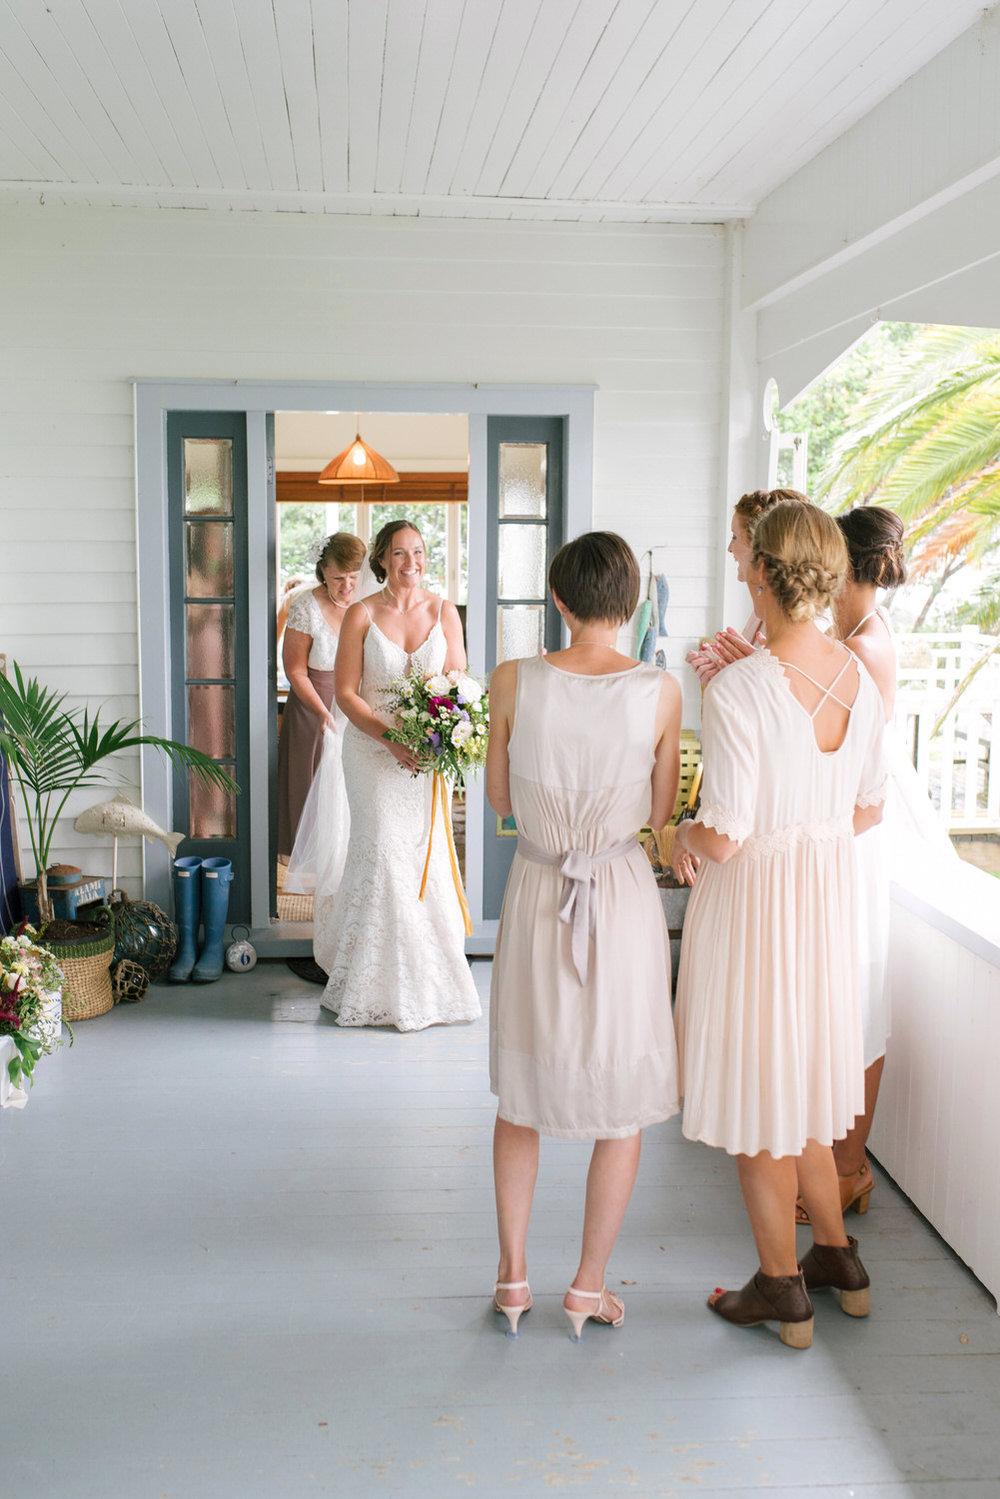 Bottega53©-new zealand wedding - lynsday&dillan-12.JPG